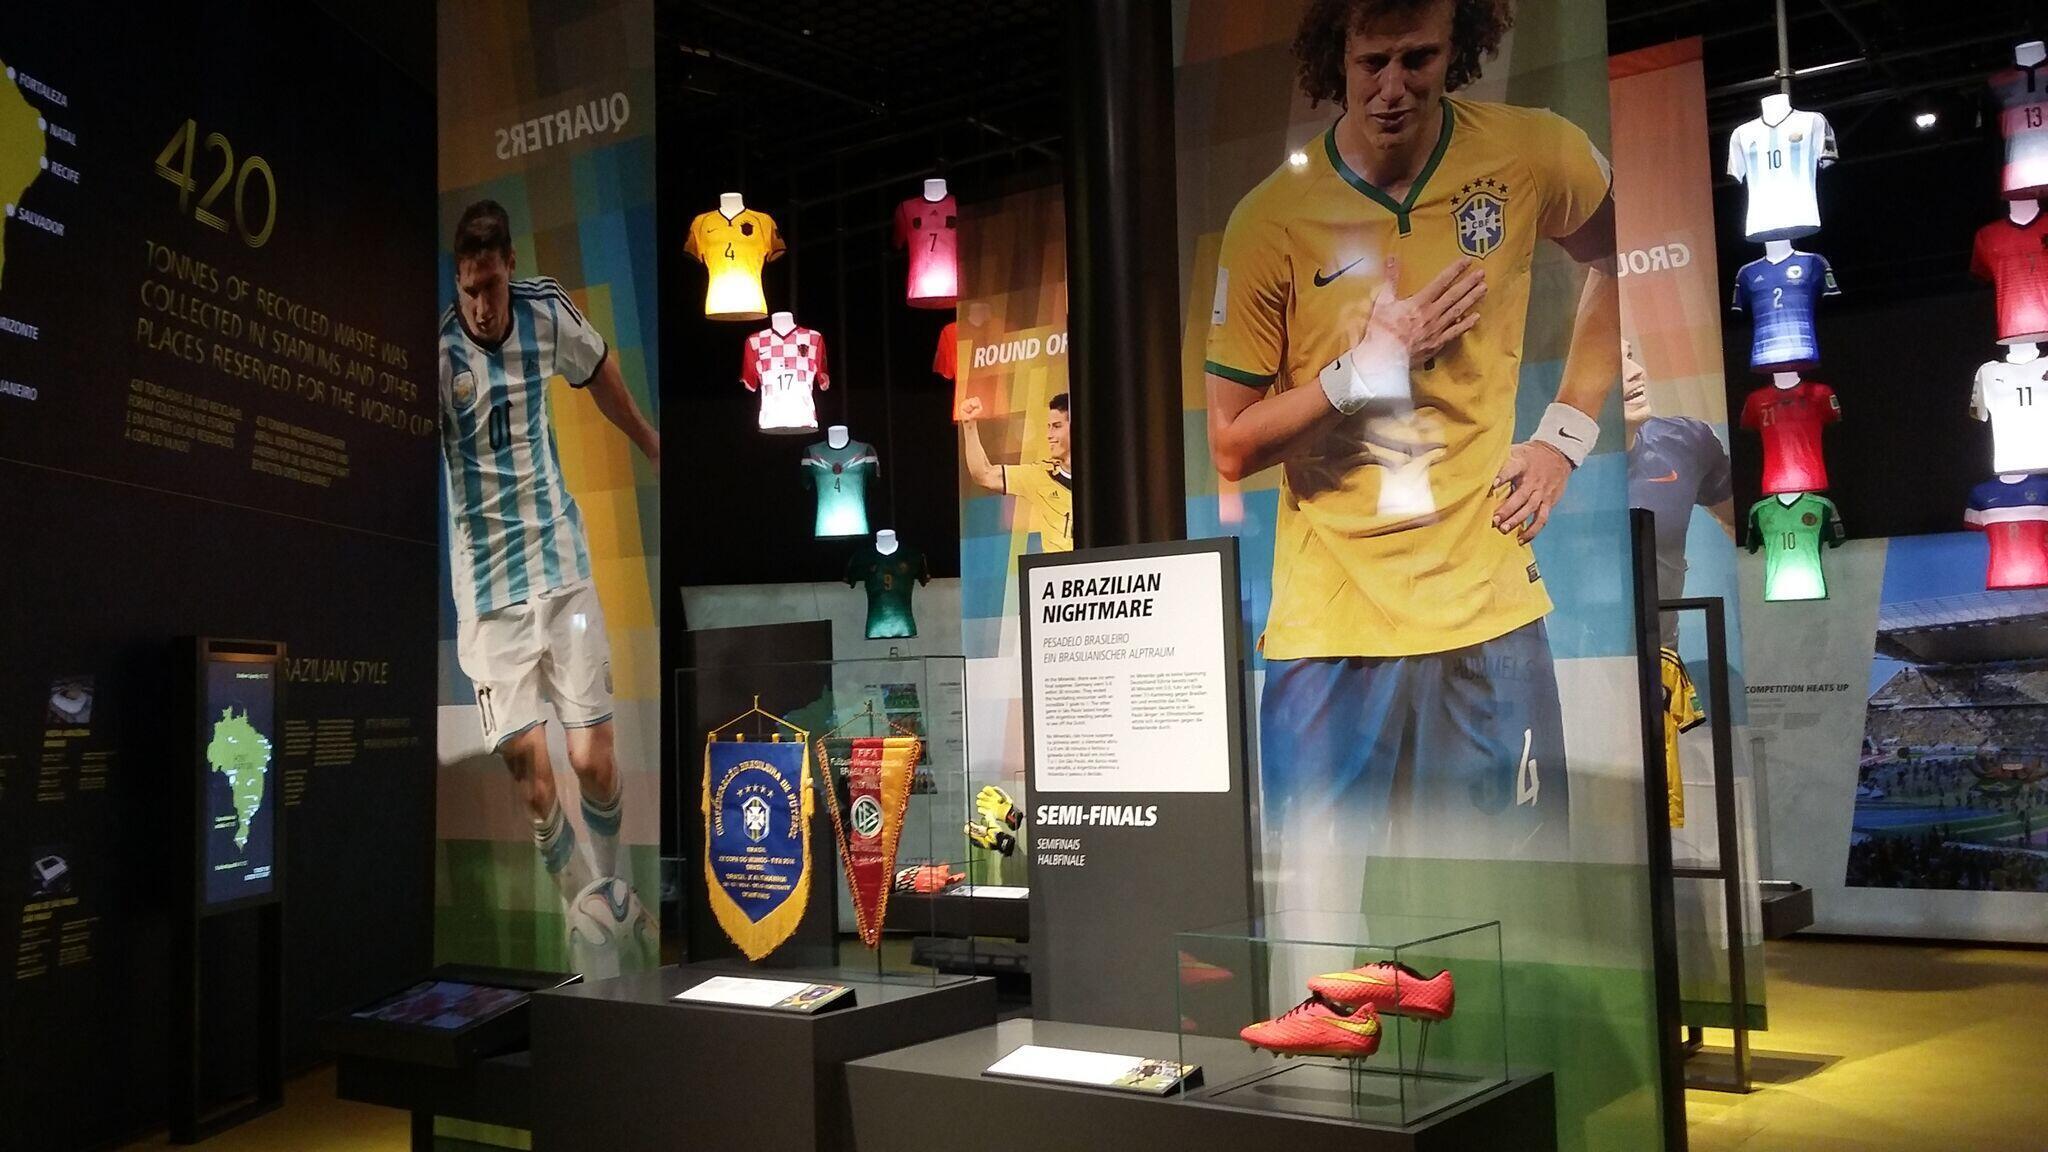 O pesadelo do Brasil com a derrota de 7 a 1 para a Alemanha foi retratado na exposição.